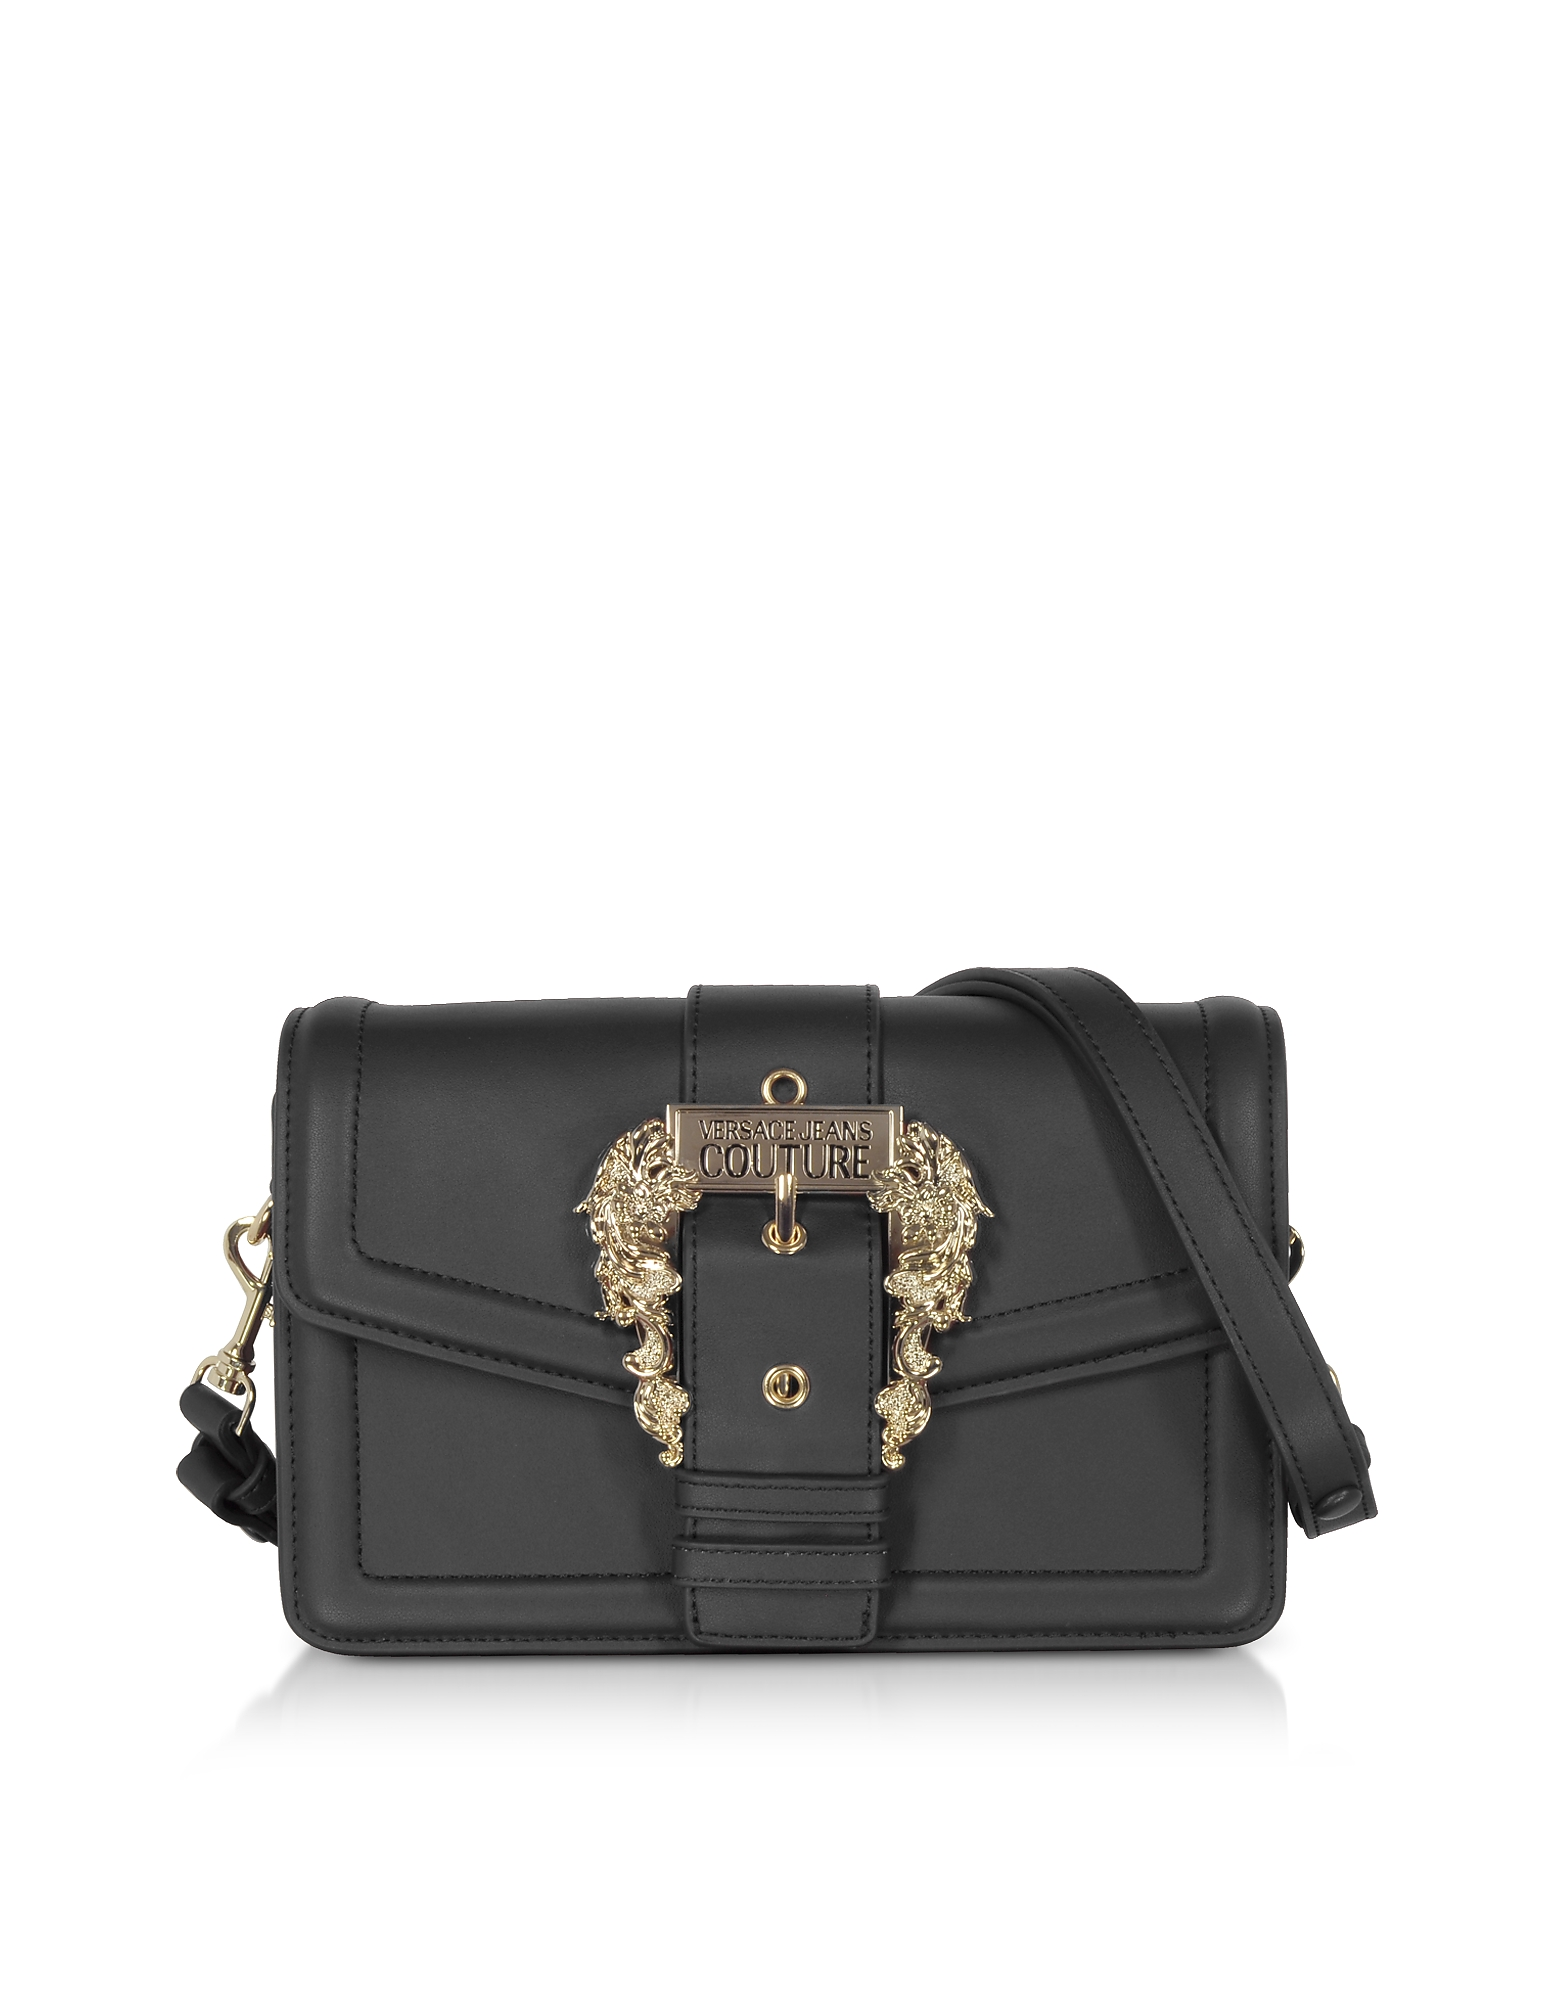 Black Leather Crossbody Bag w/ Buckle